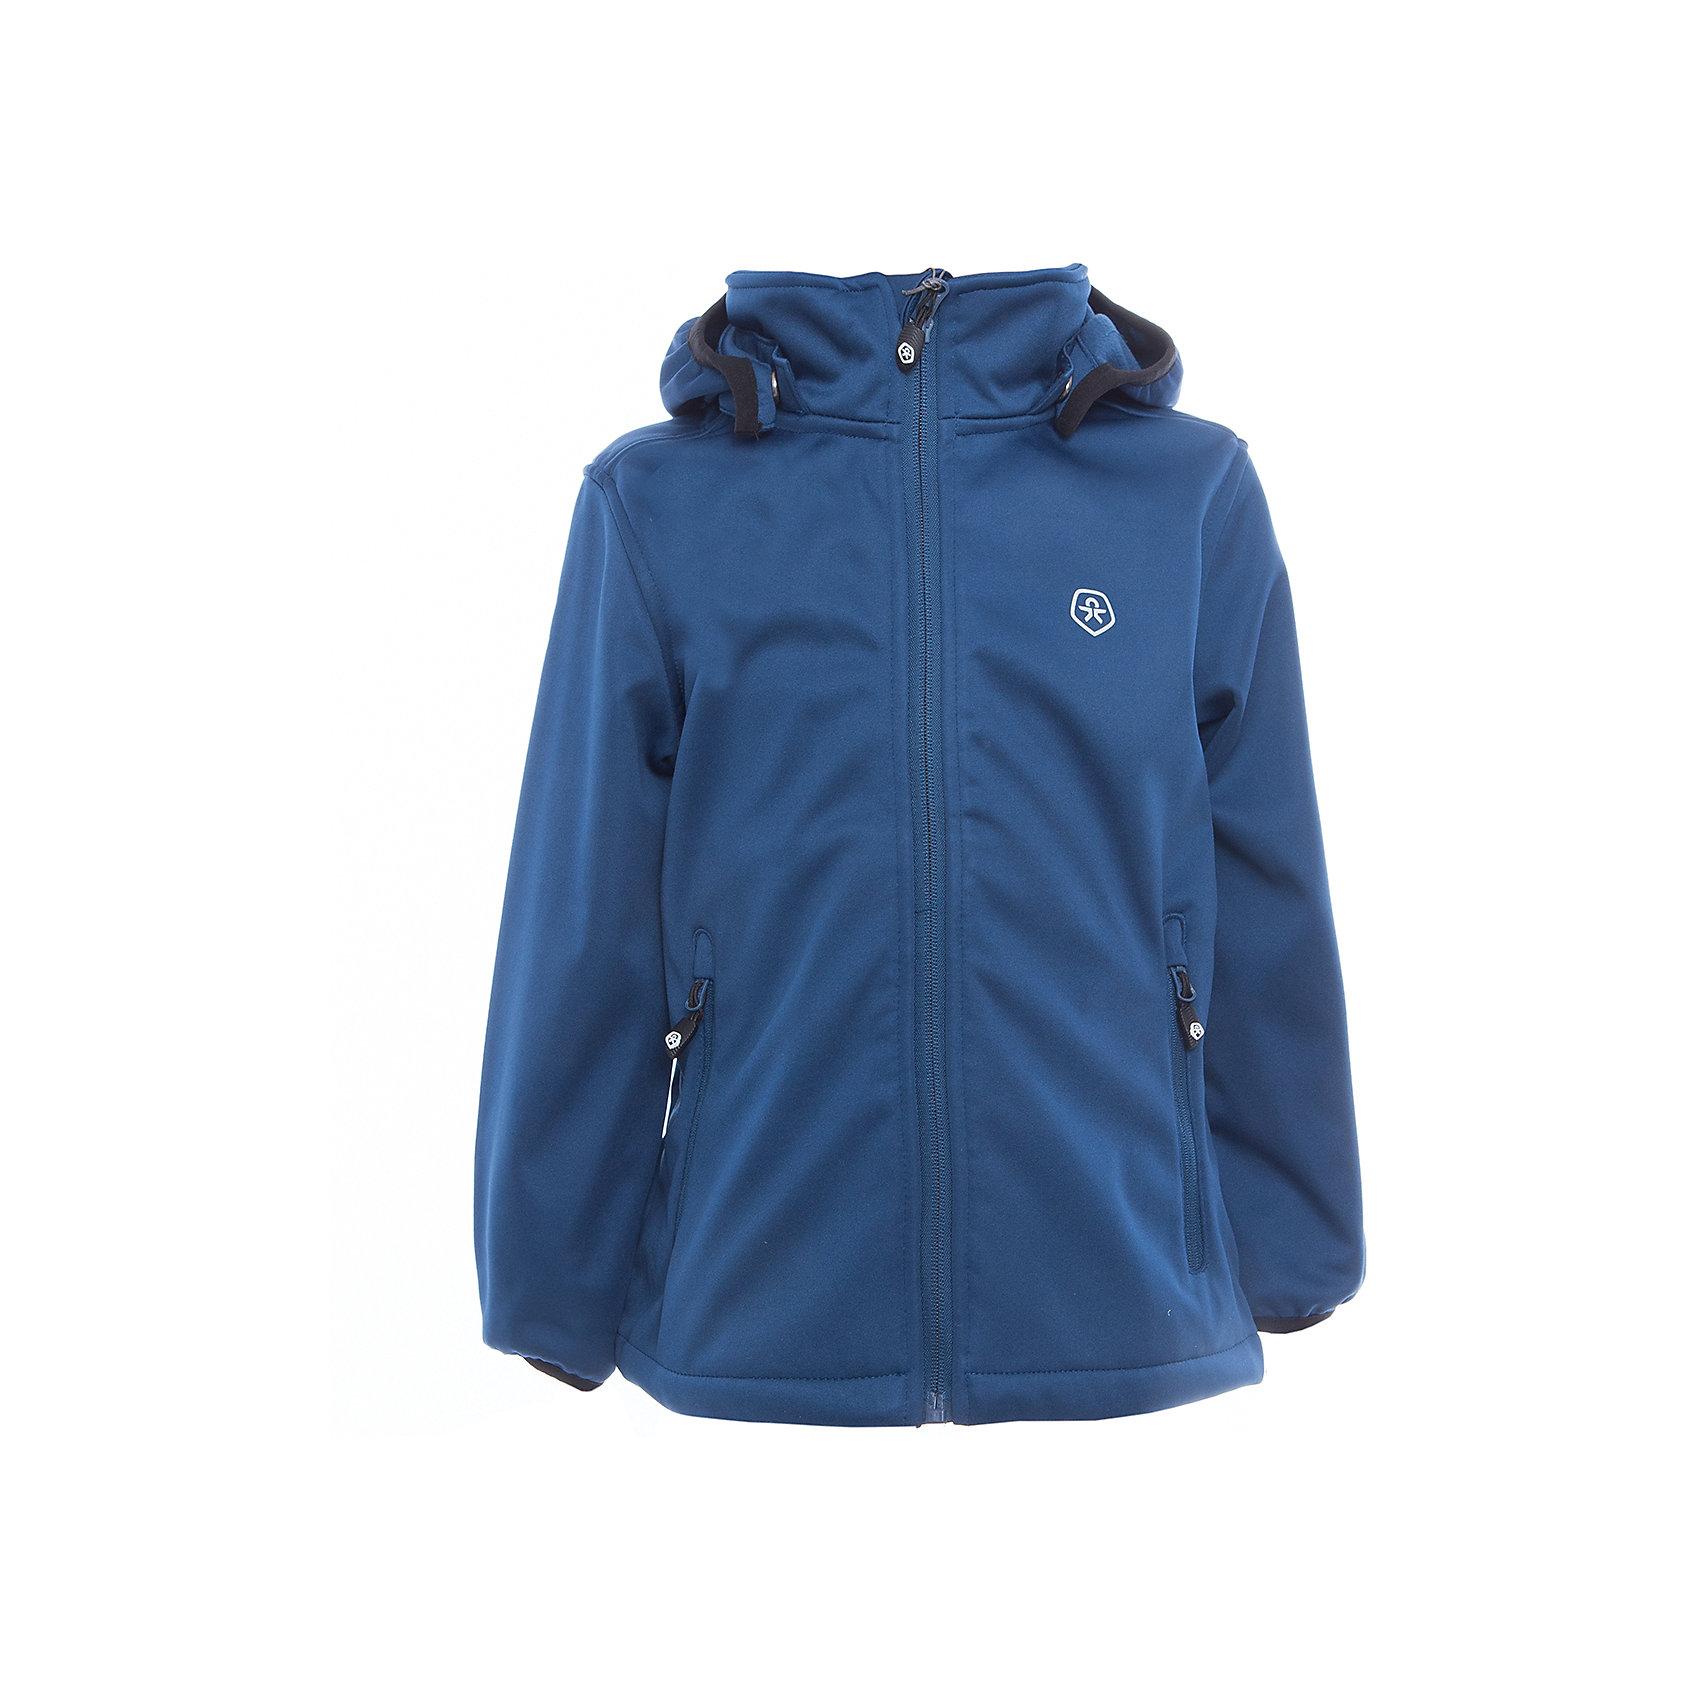 Куртка для мальчика Color KidsВерхняя одежда<br>Характеристики товара:<br><br>• цвет: синий<br>• состав: 100 % полиэстер, softshell клееный с флисом<br>• без утеплителя<br>• температурный режим: от +5°до +15°С<br>• мембранная технология<br>• водонепроницаемость: 5000 мм<br>• воздухопроницаемость: 1000 г/м2/24ч<br>• ветрозащитный<br>• регулируемый низ куртки<br>• светоотражающие детали<br>• застежка: молния<br>• съёмный капюшон на кнопках<br>• защита подбородка<br>• два кармана на молнии<br>• логотип<br>• страна бренда: Дания<br><br>Эта симпатичная и удобная куртка сделана из непромокаемого легкого материала, поэтому отлично подойдет для дождливой погоды в весенне-летний сезон. Она комфортно сидит и обеспечивает ребенку необходимое удобство. Очень стильно смотрится. <br><br>Куртку для мальчика от датского бренда Color Kids (Колор кидз) можно купить в нашем интернет-магазине.<br><br>Ширина мм: 356<br>Глубина мм: 10<br>Высота мм: 245<br>Вес г: 519<br>Цвет: синий<br>Возраст от месяцев: 24<br>Возраст до месяцев: 36<br>Пол: Мужской<br>Возраст: Детский<br>Размер: 152,92,98,104,110,116,122,140<br>SKU: 5443270